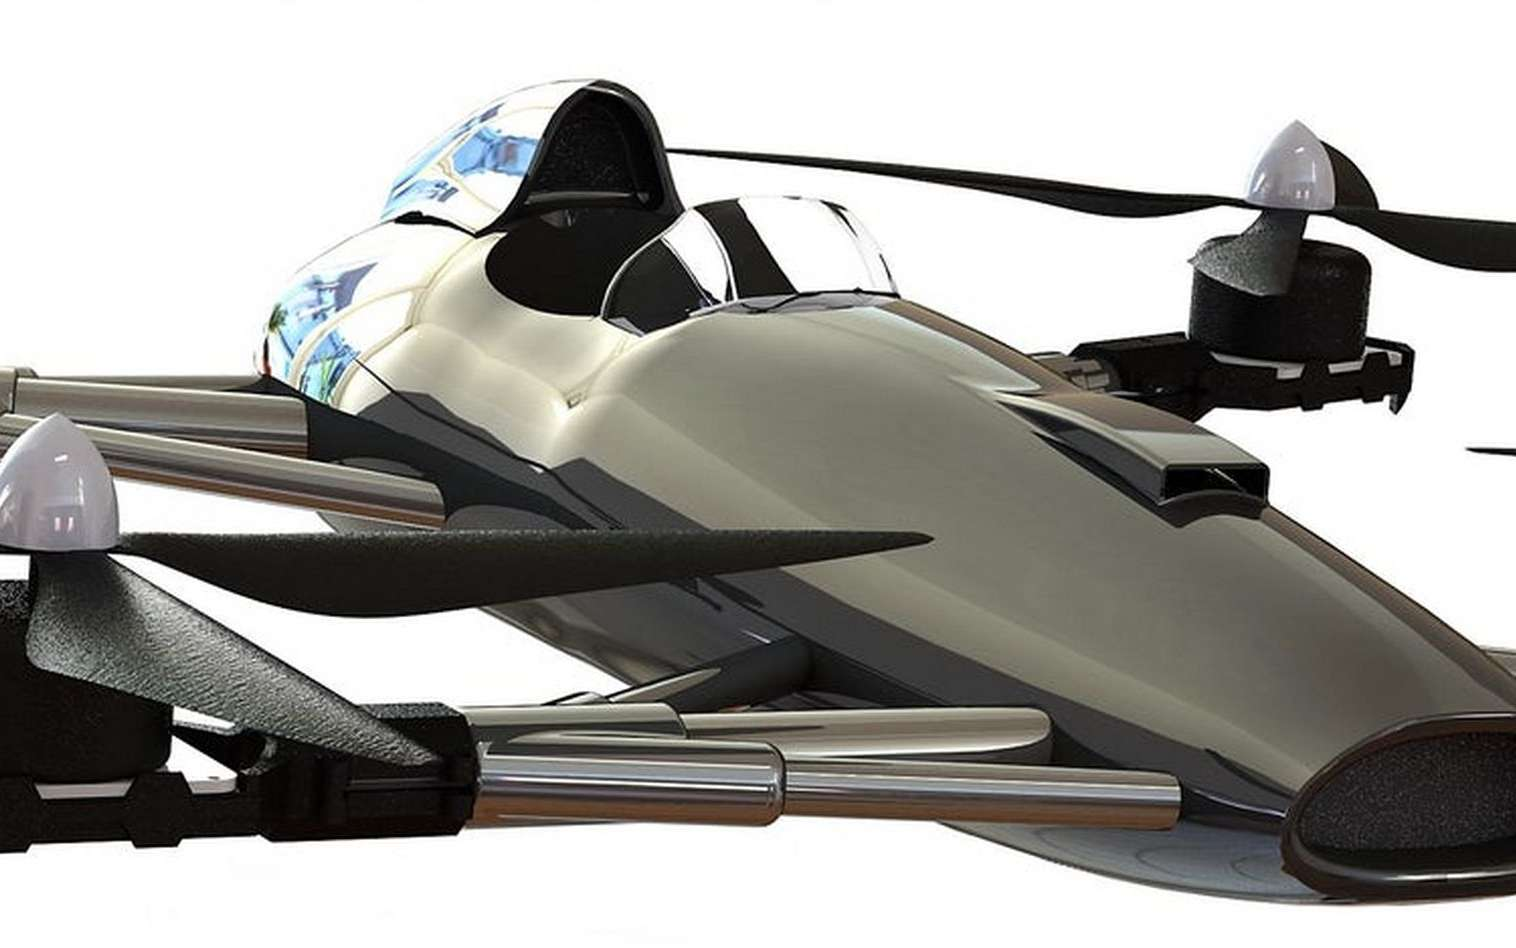 Voici à quoi ressemblera la version finale de la « voiture volante » de course que veut créer Matt Pearson. © Alauda Racing